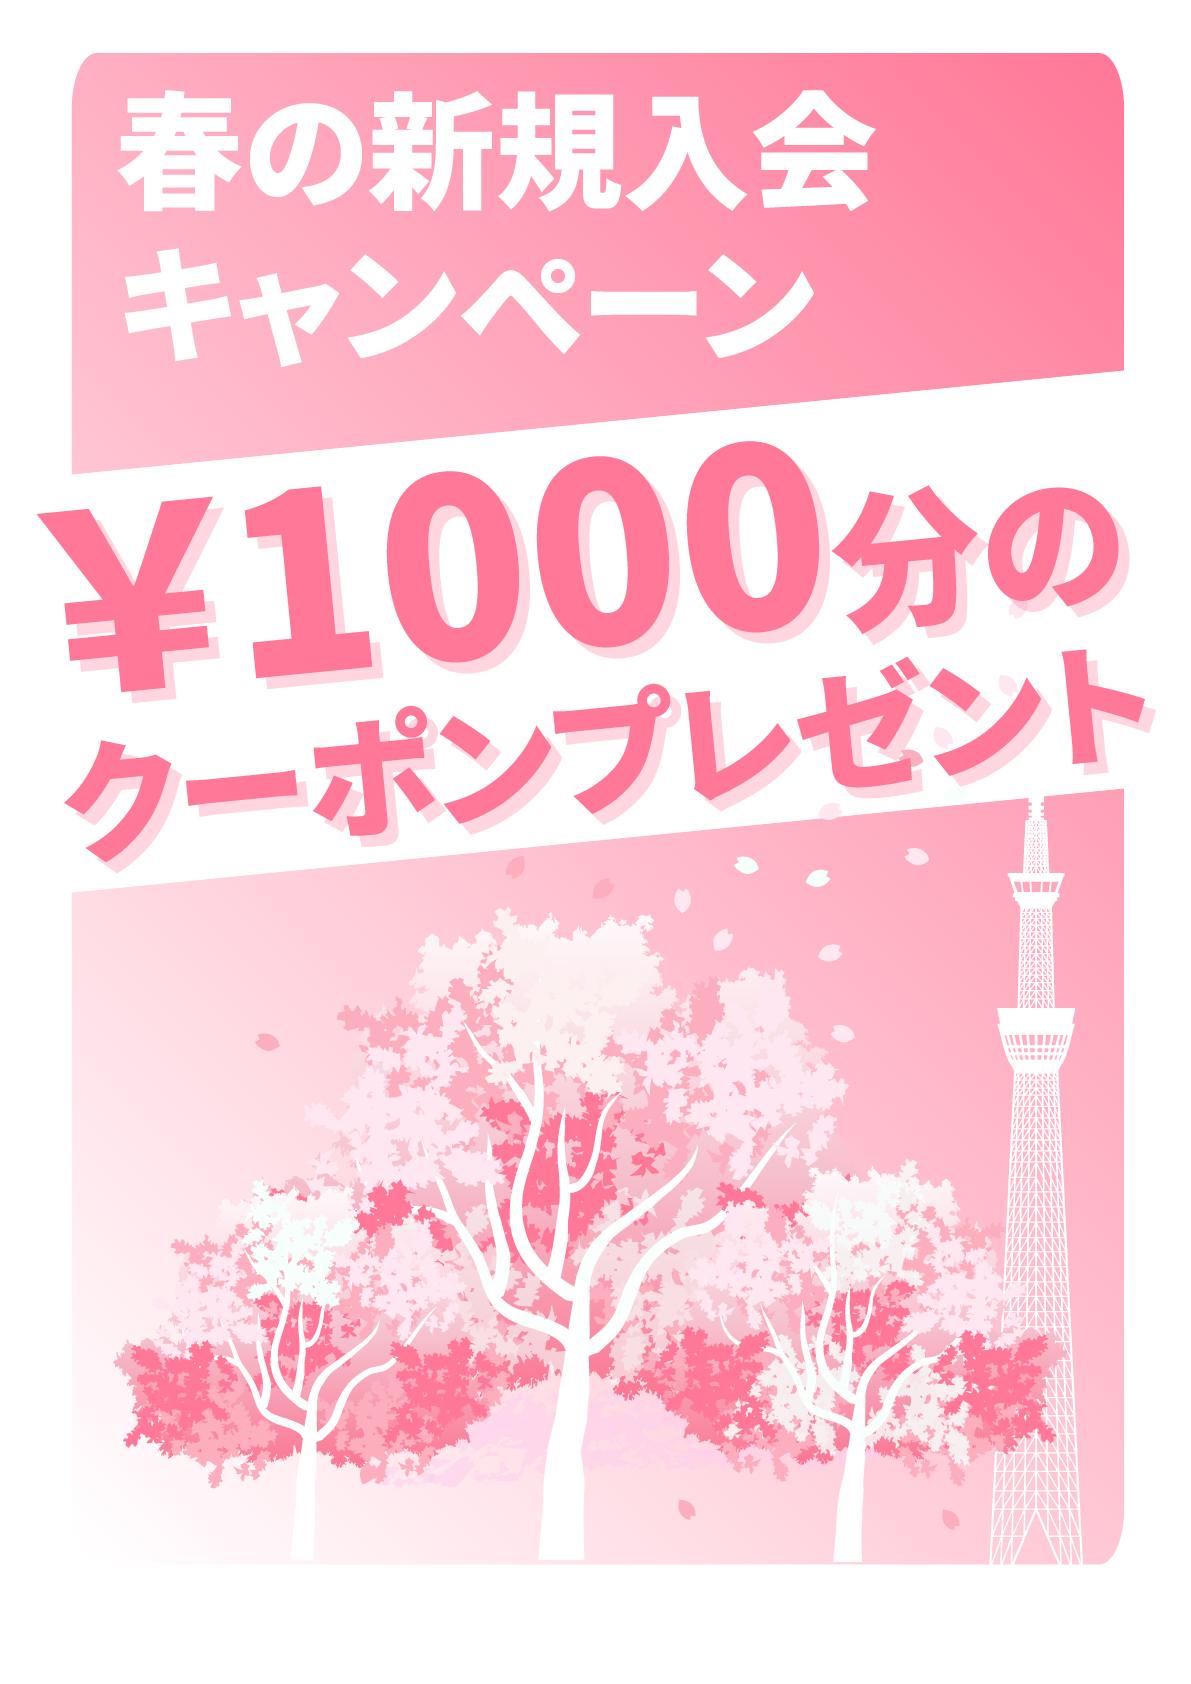 【終了】春の新規入会キャンペーン実施中!